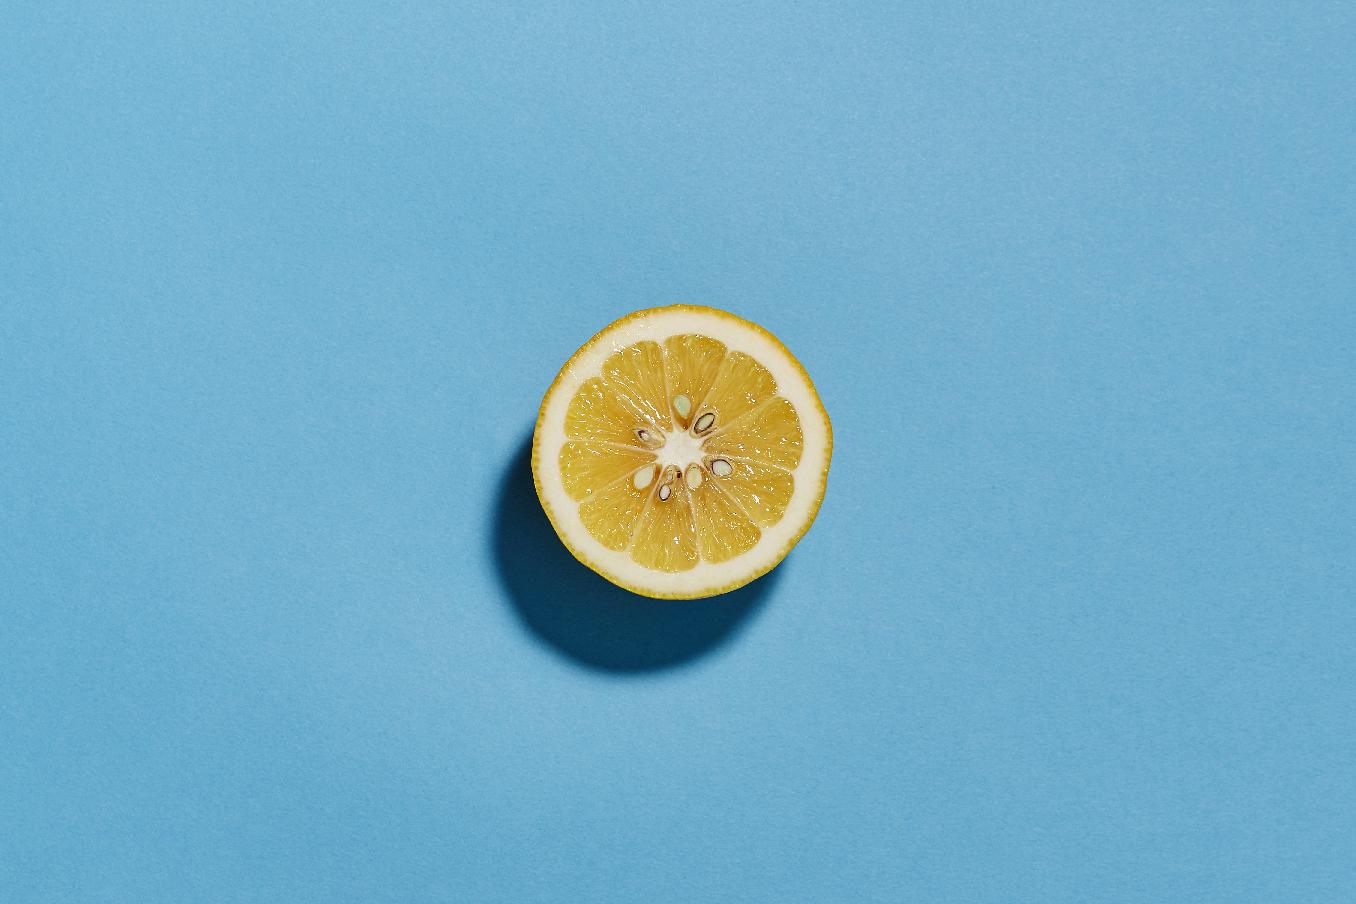 pickles-blog-lemon-on-blue-v1-FINAL.jpg